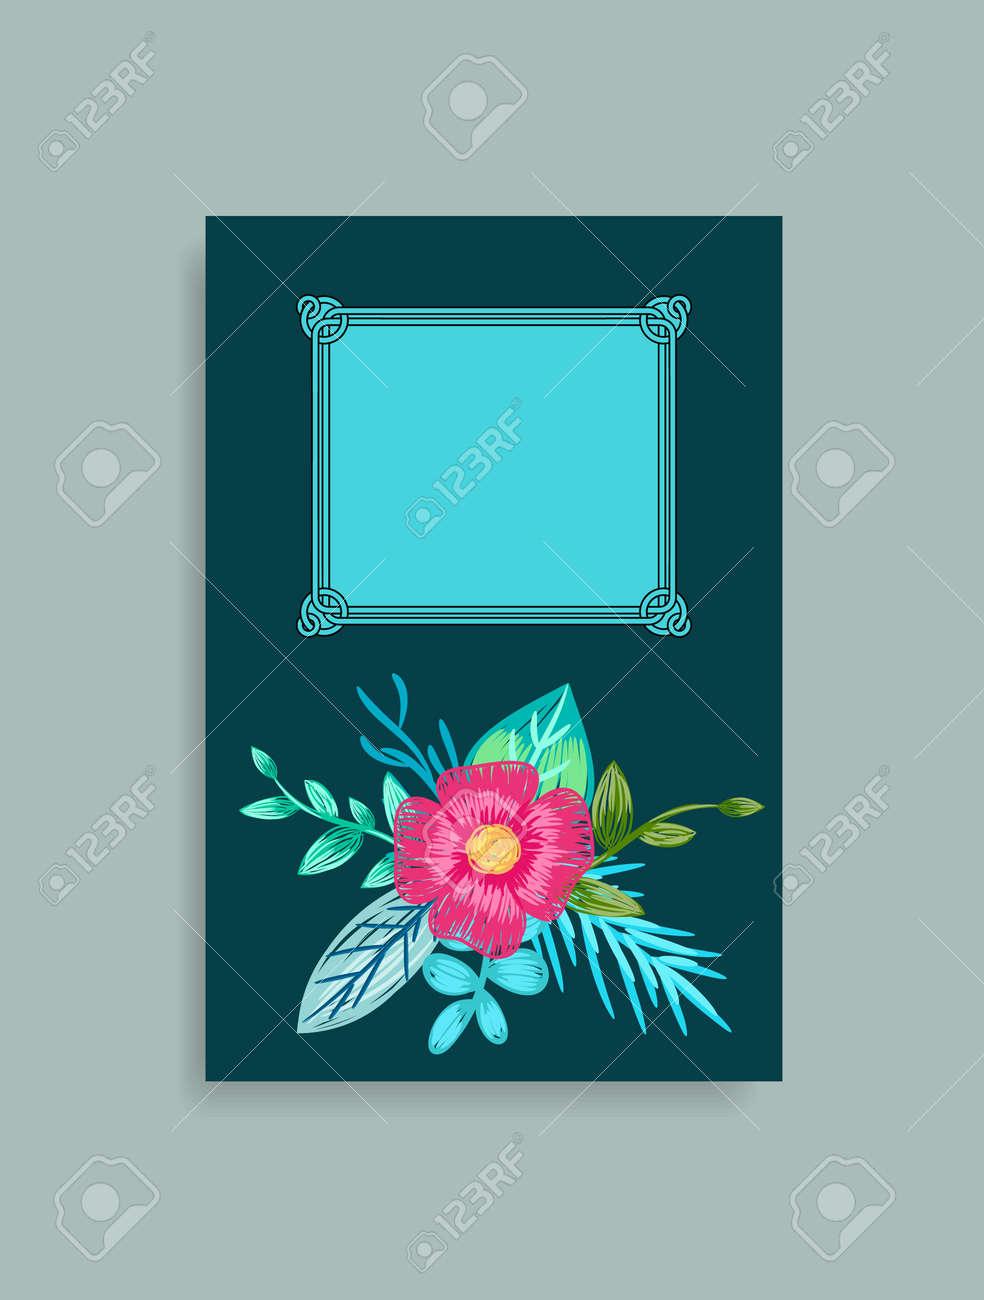 Couverture De Livre Design Avec Des Fleurs Dessinees A La Main Rose